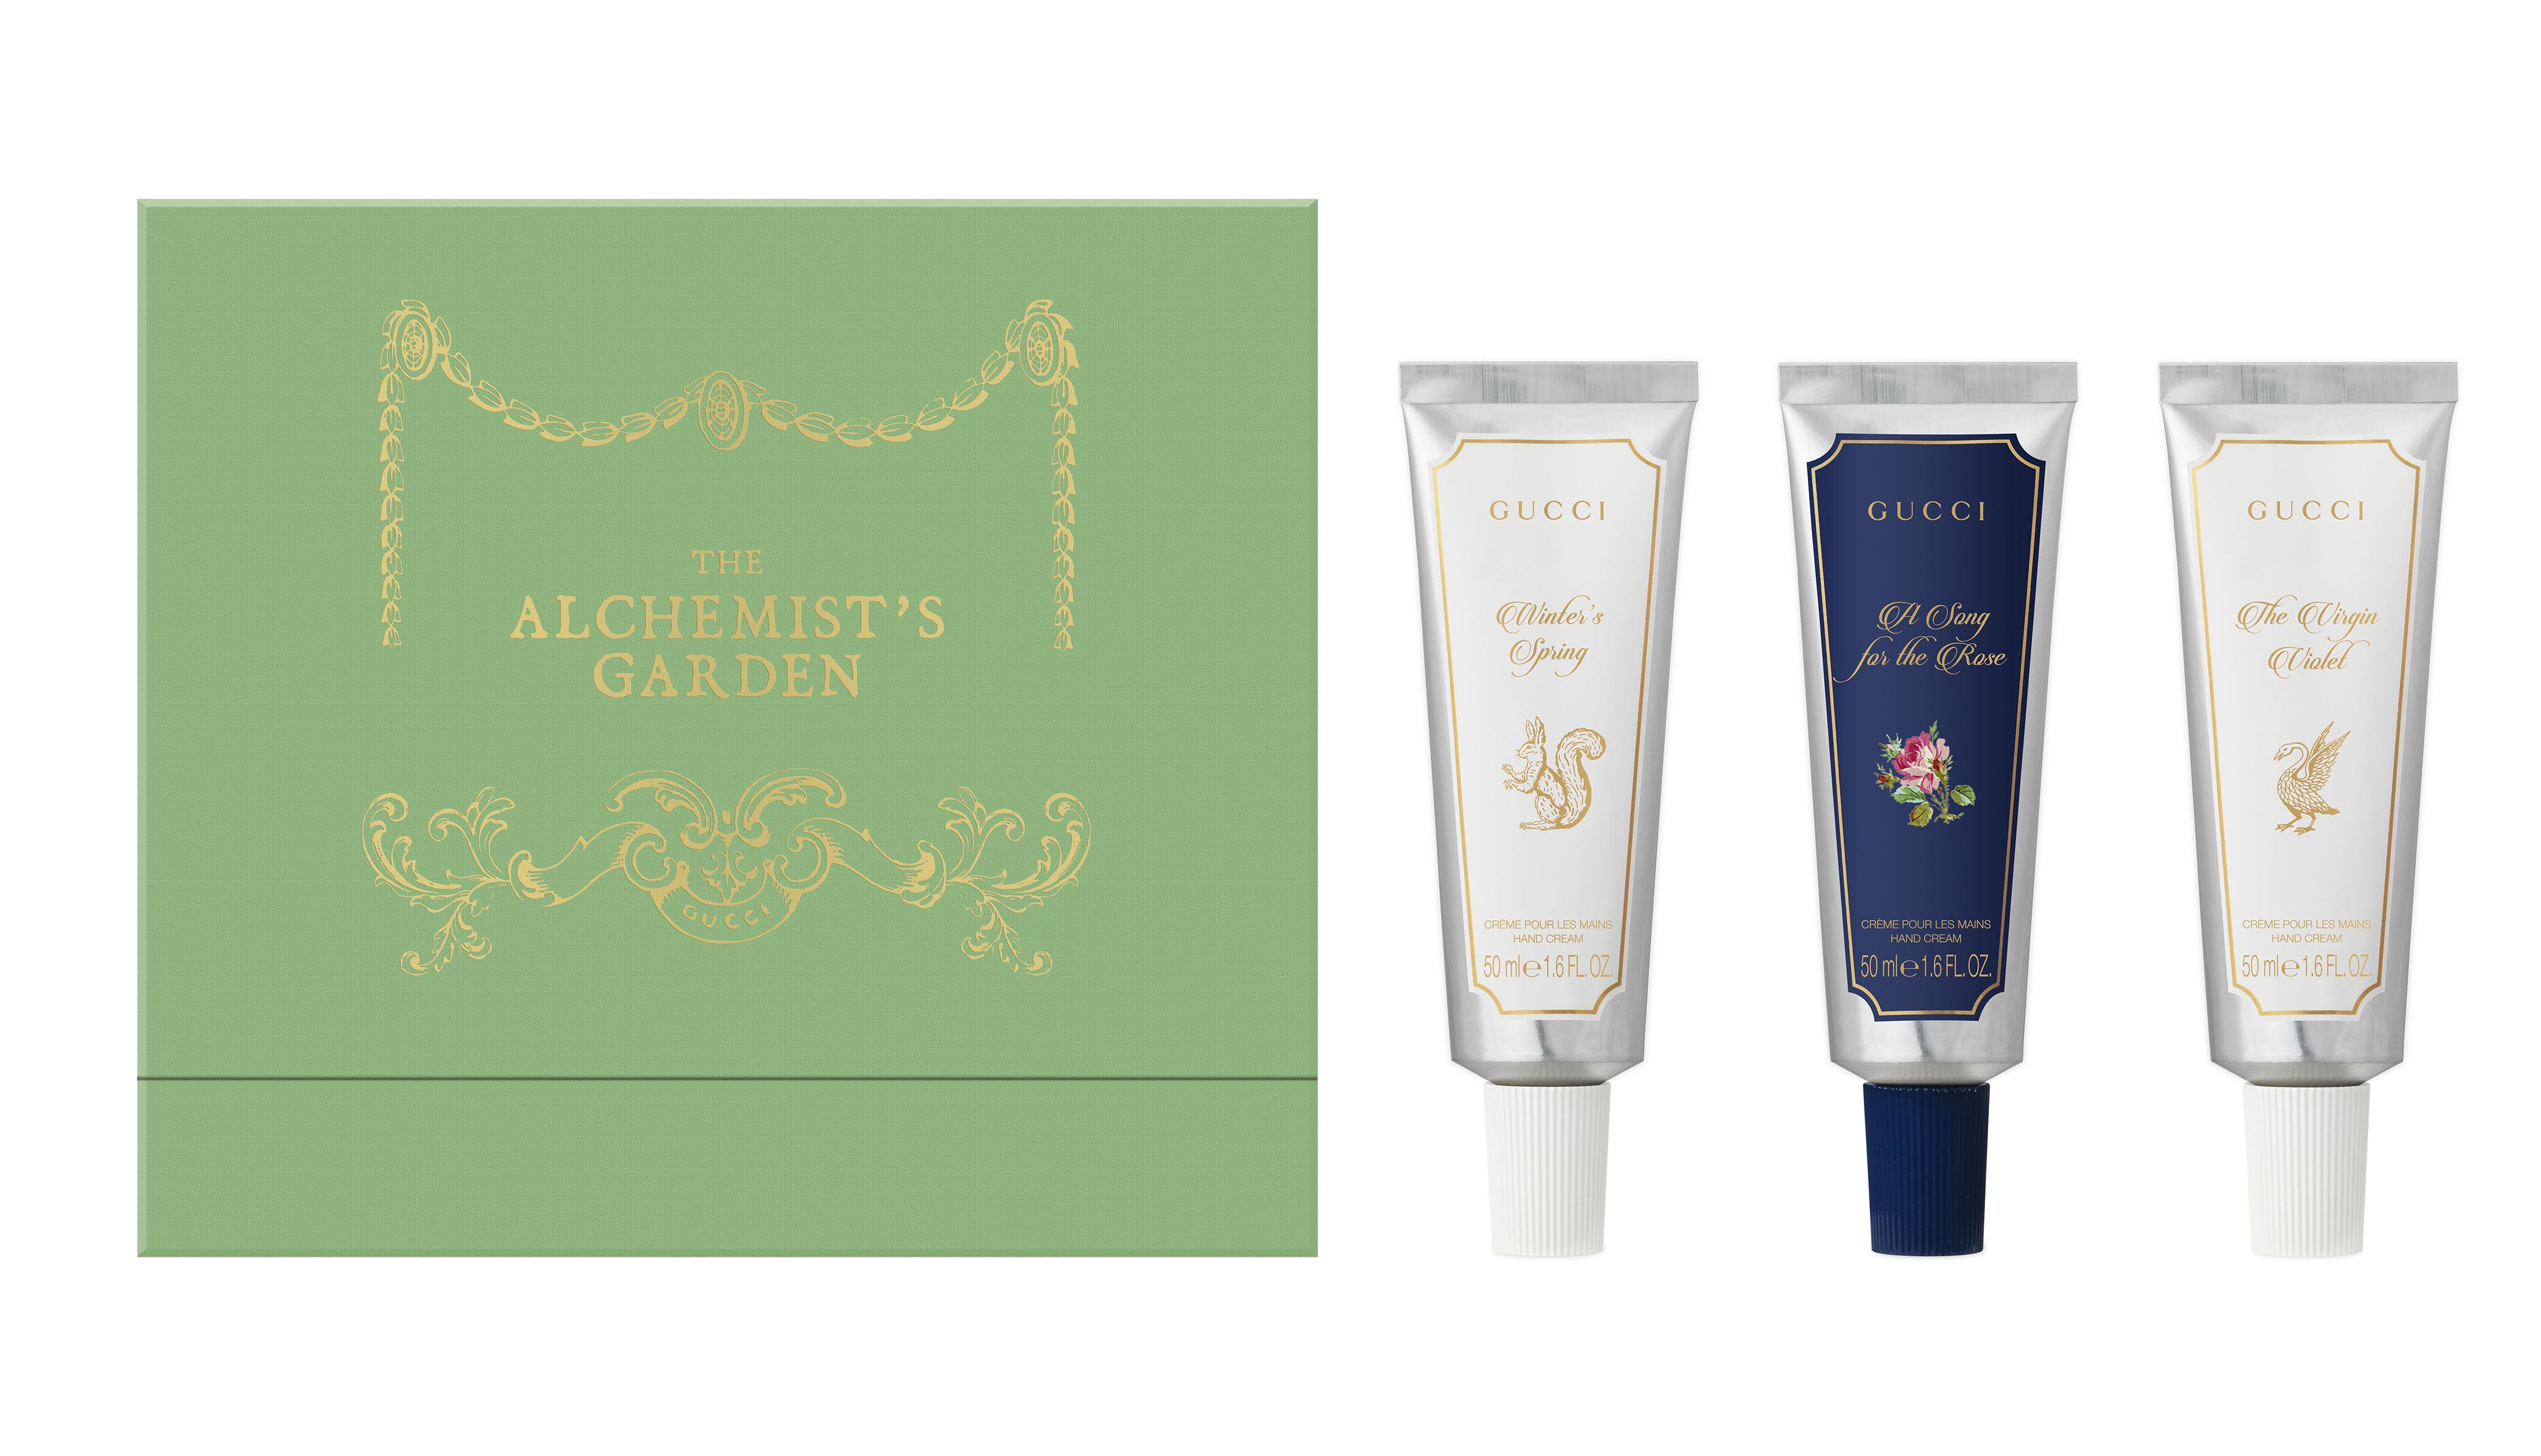 28 Unisex Valentine's Day Gifts: Gucci The Alchemist's Garden 3-Piece Hand Cream Set